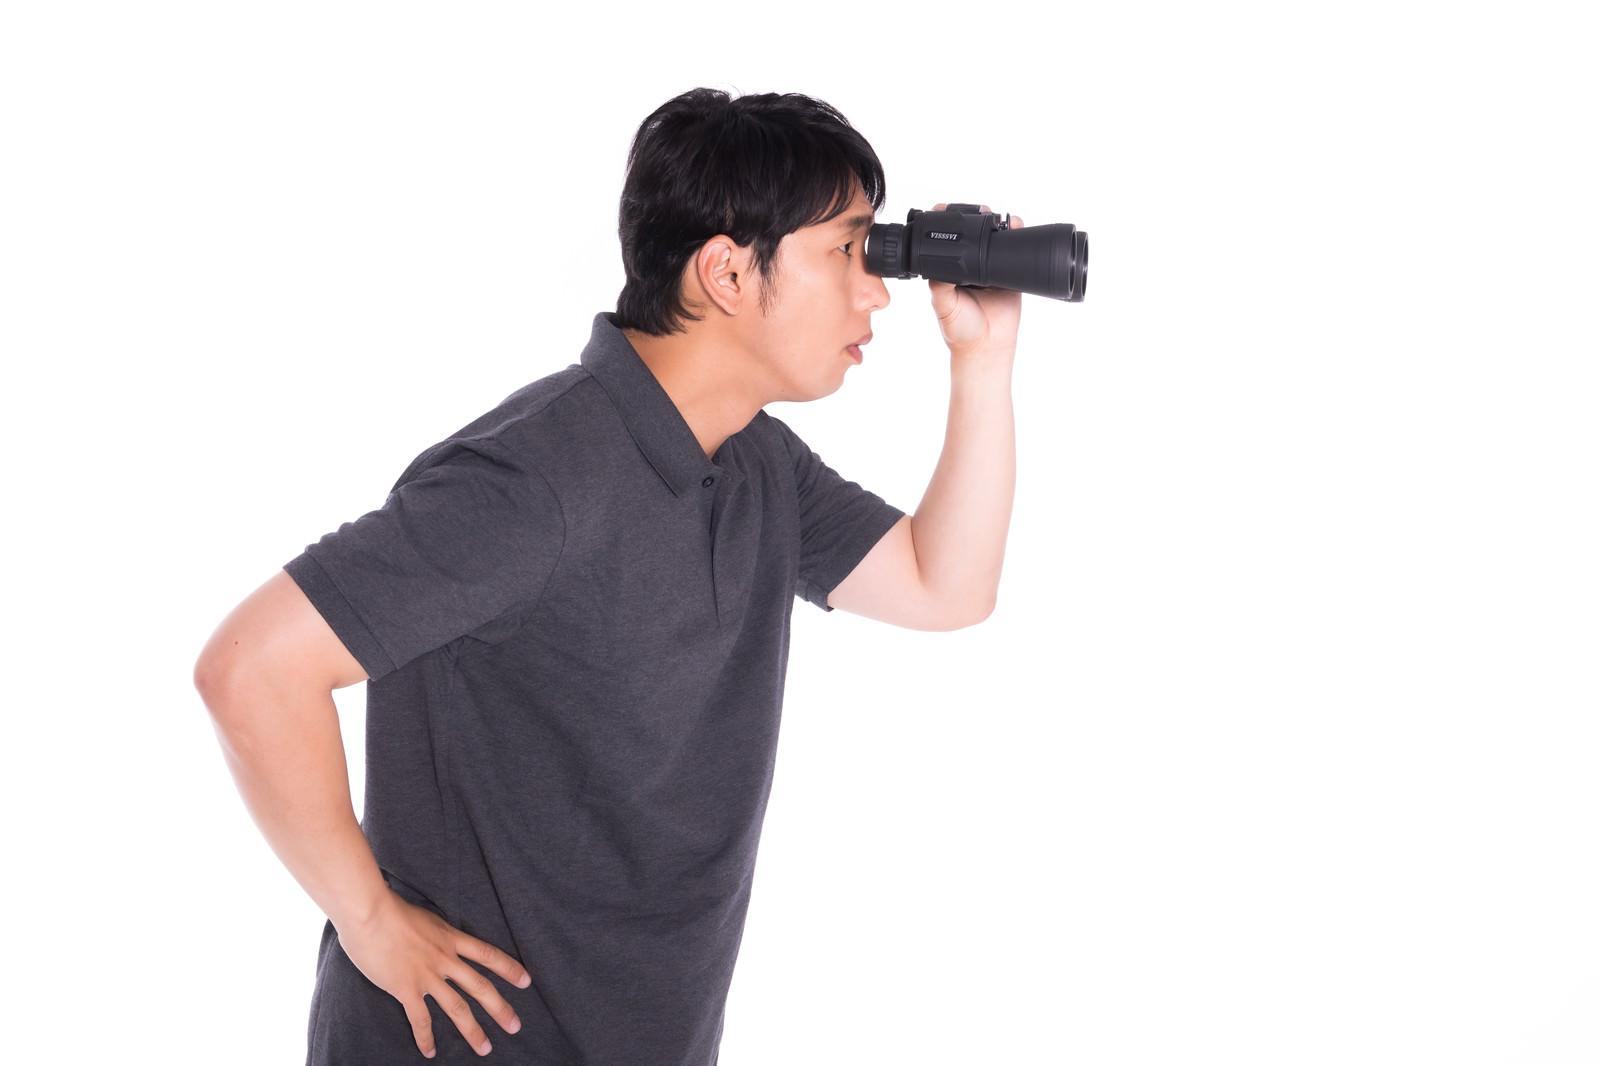 「双眼鏡を使う男性」の写真[モデル:大川竜弥]